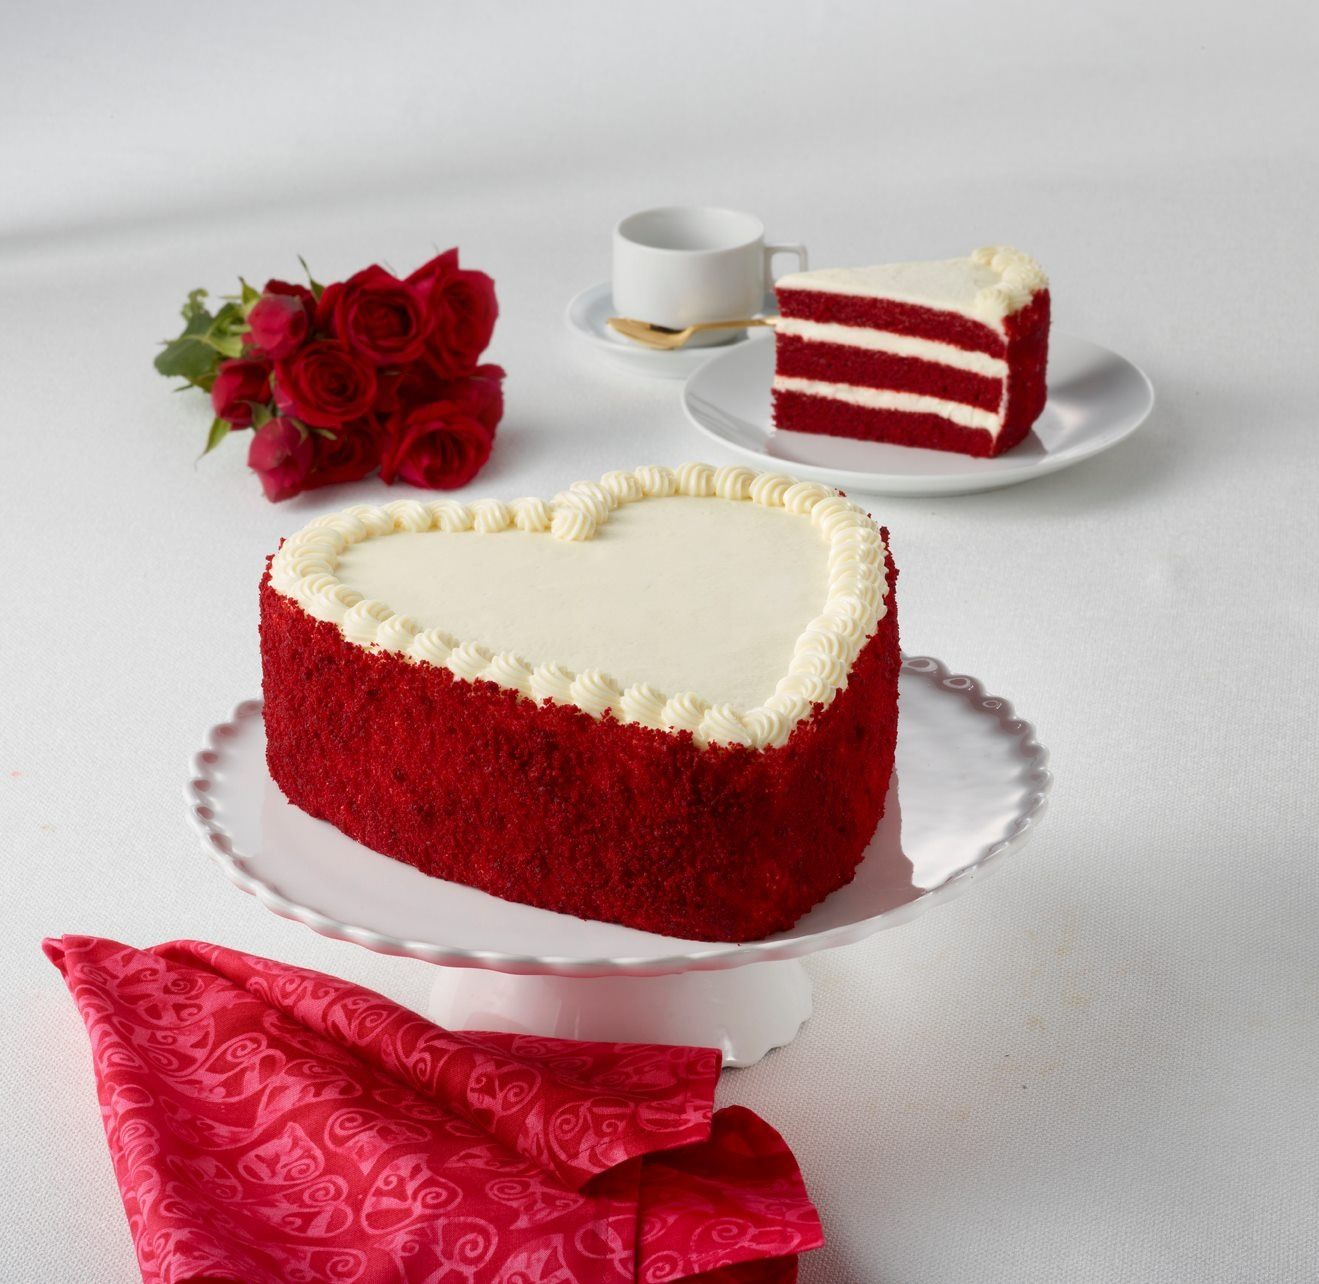 Red Heart Cake Images : Red Velvet Heart Cake Valentine s Day Pinterest